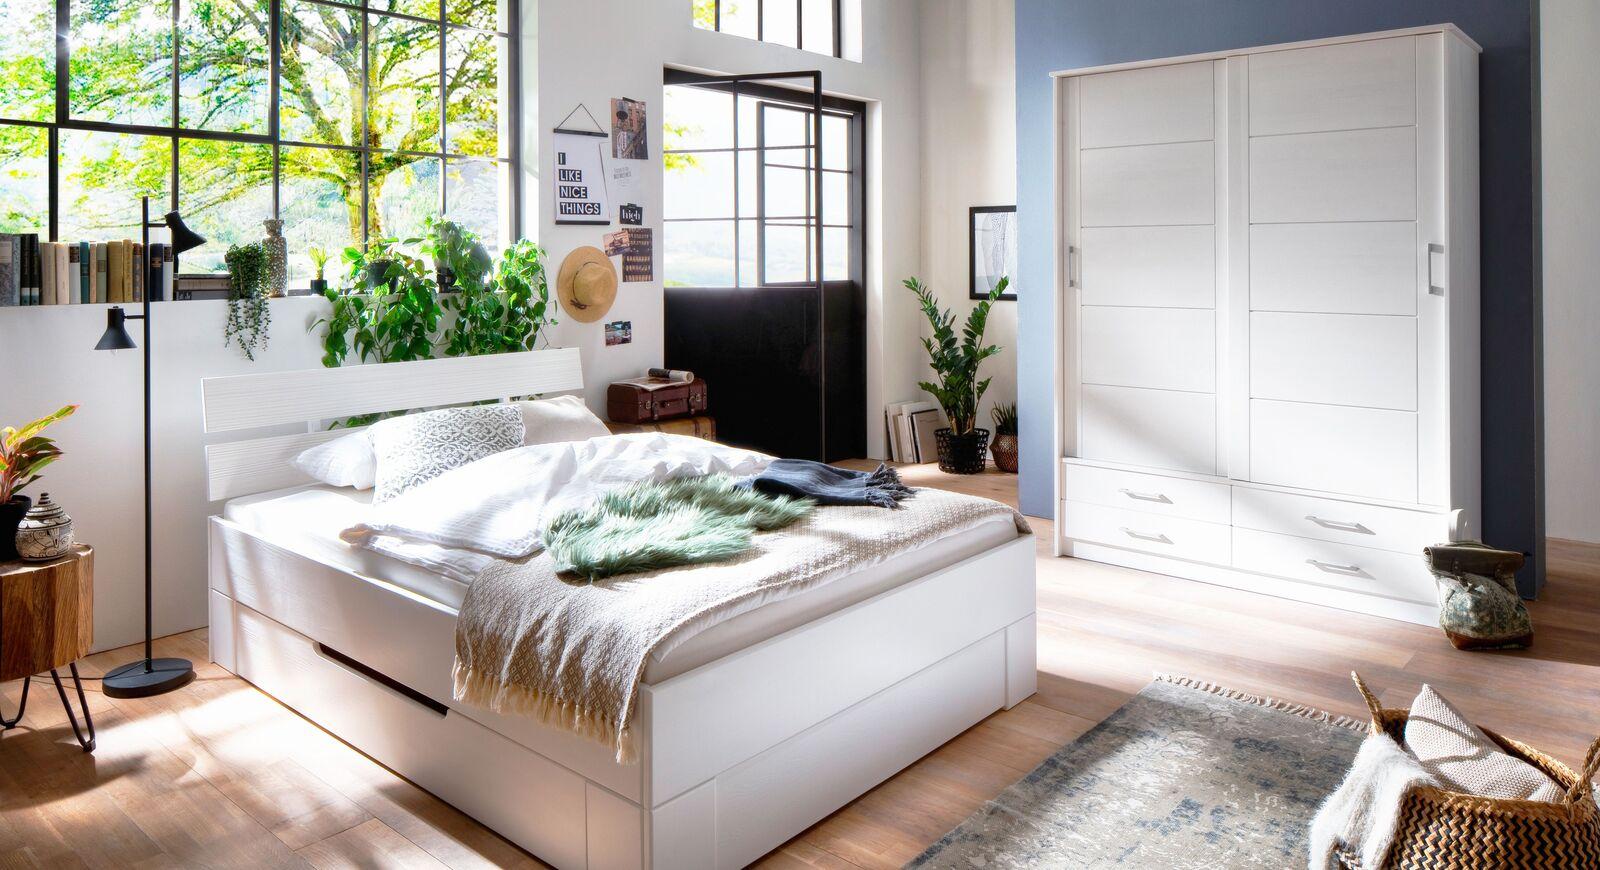 Schlafzimmer Ottena mit Schiebetüren-Kleiderschrank und Schubkastenbett